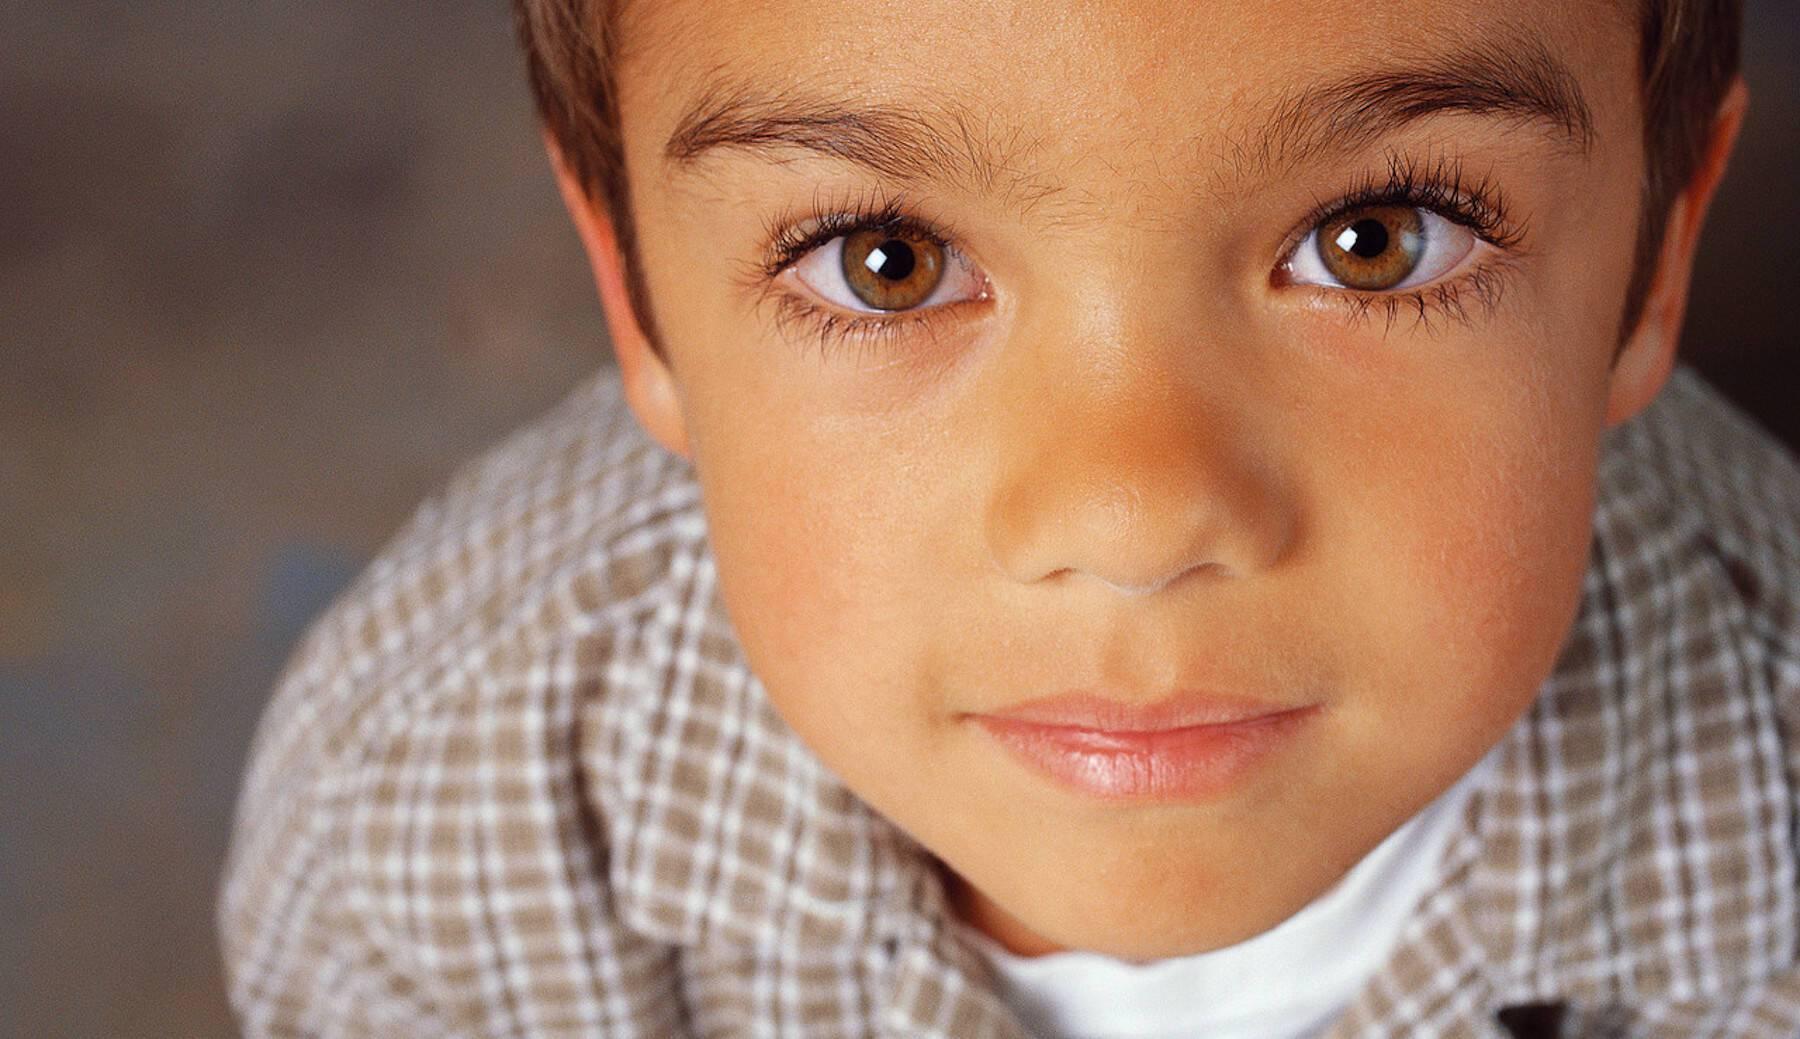 Ανακοινώνοντας τη διάγνωση του αυτισμού σε οικογένεια και φίλους